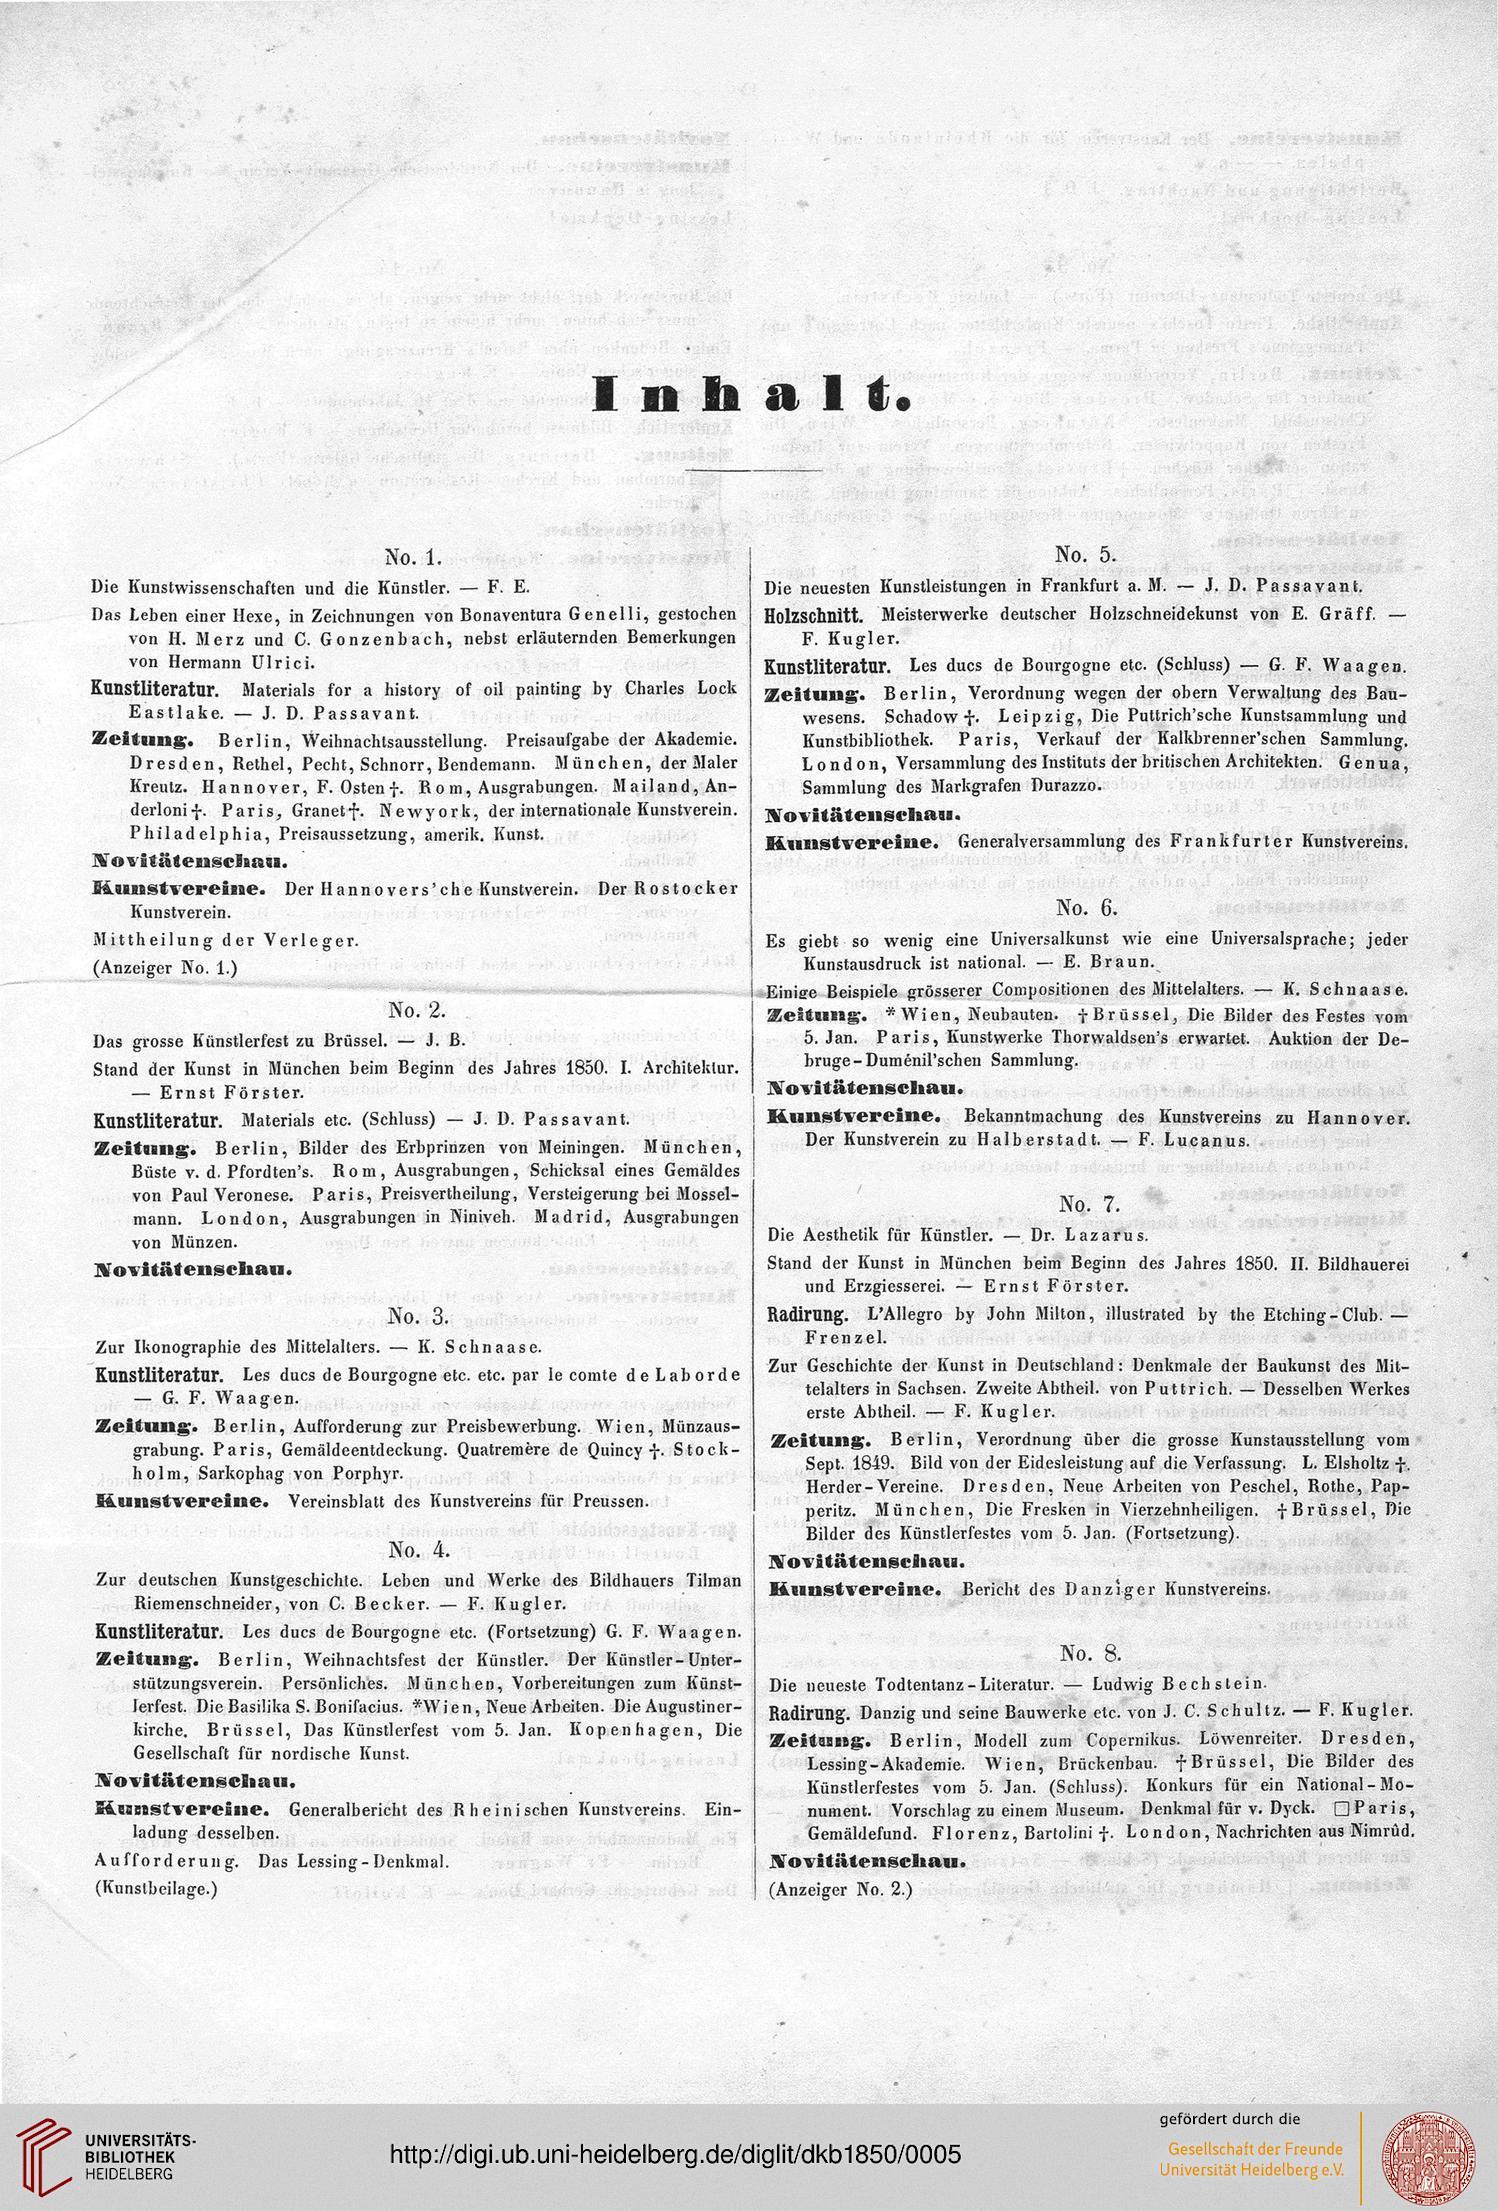 Eggers, Friedrich [Hrsg ]: Deutsches Kunstblatt <Stuttgart